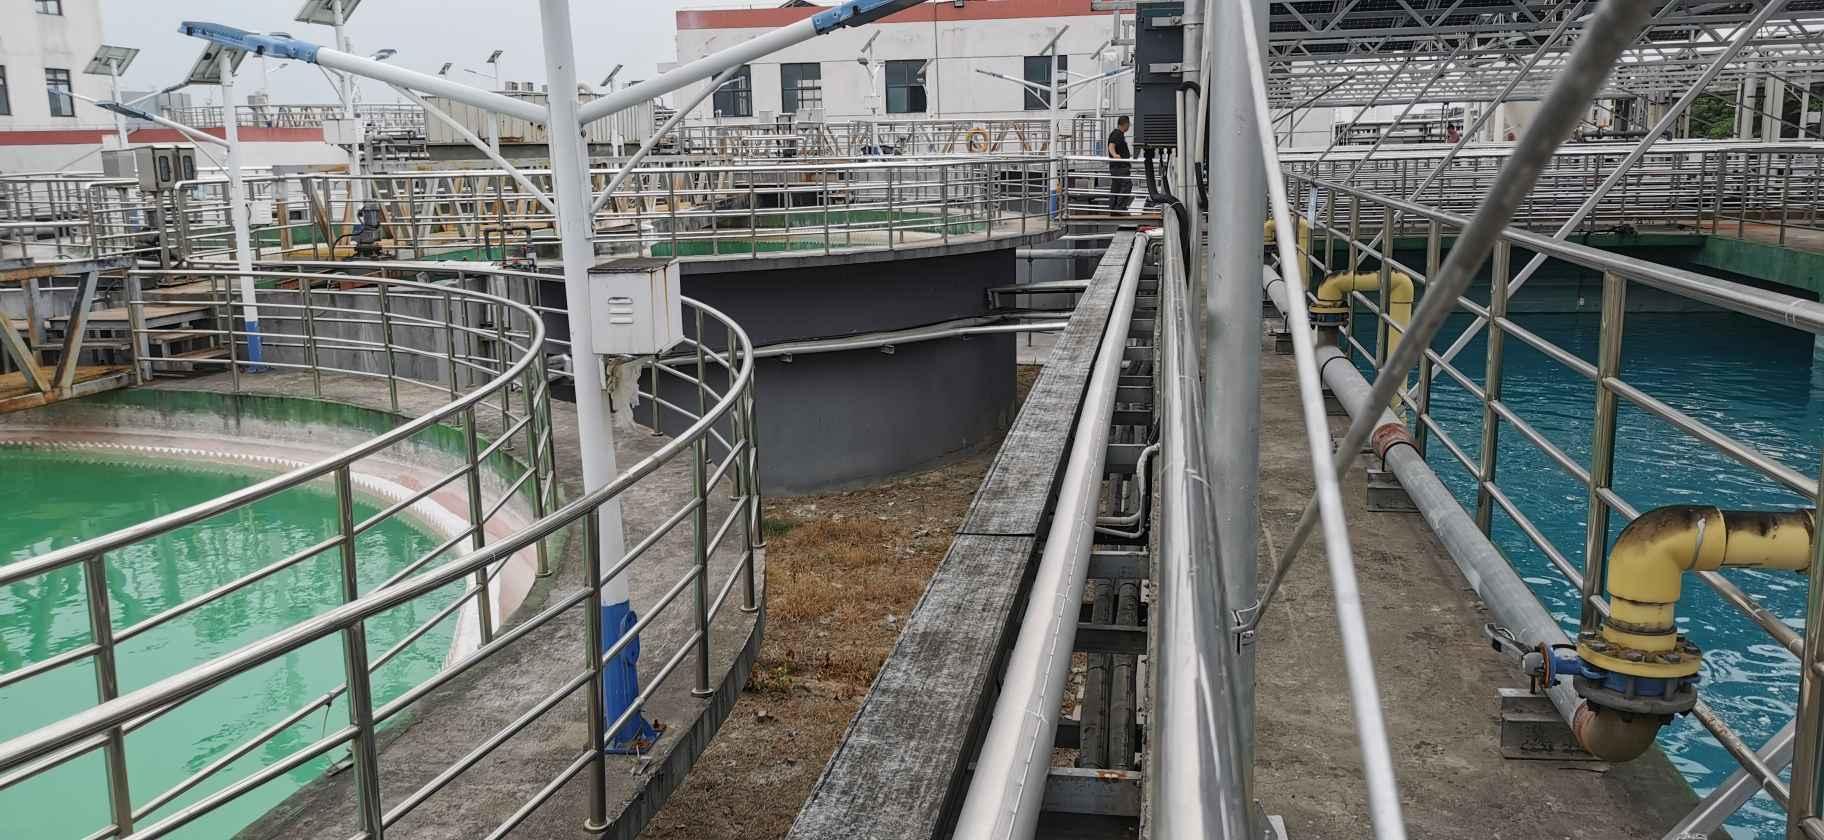 附公司#宁波市海区污水池化粪池清理有限空间作业留意事项